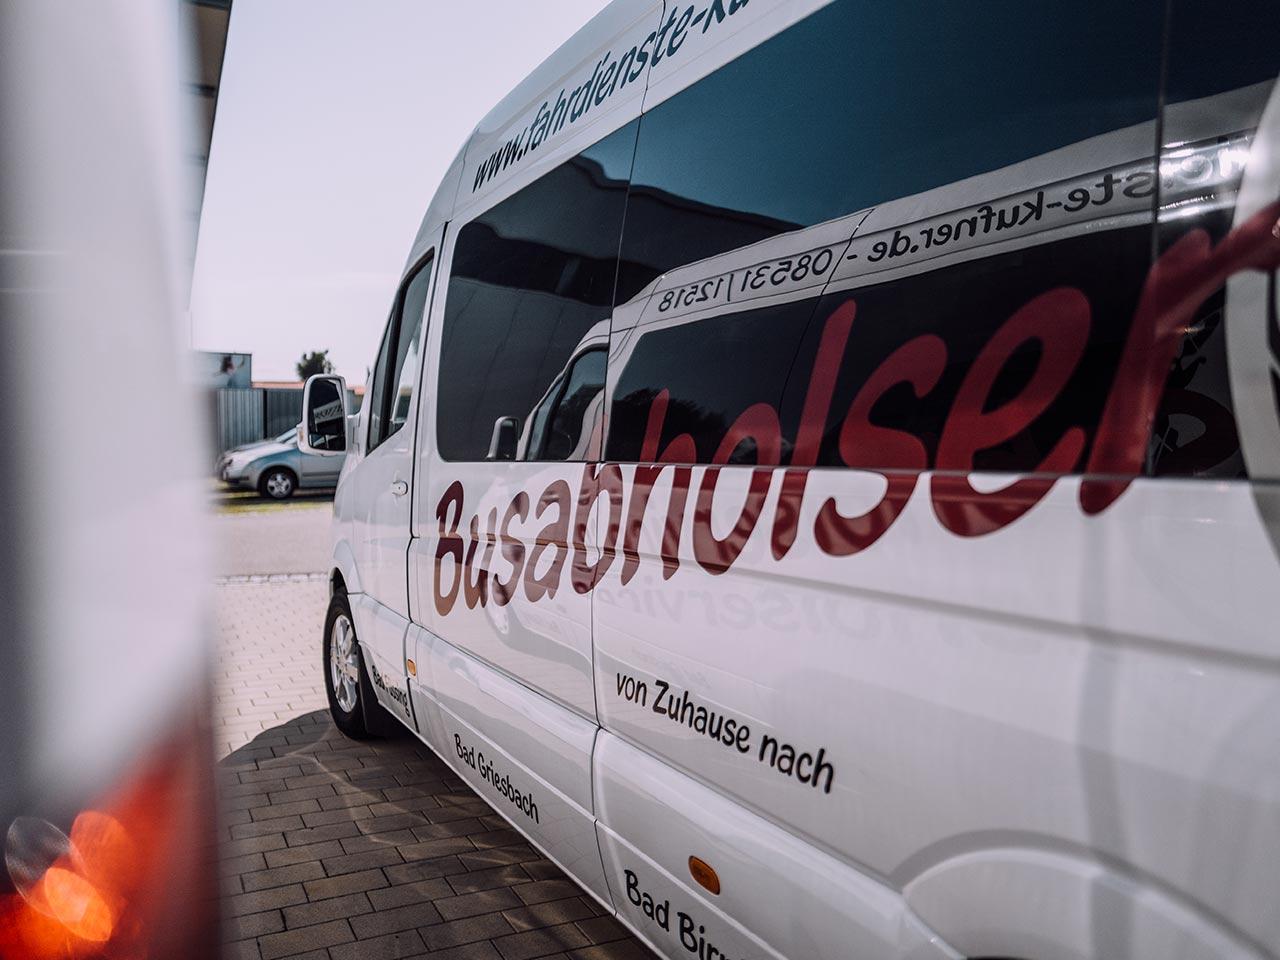 fahrdienste-kufner-fahrdienst-shuttle-bus-content-02.jpg